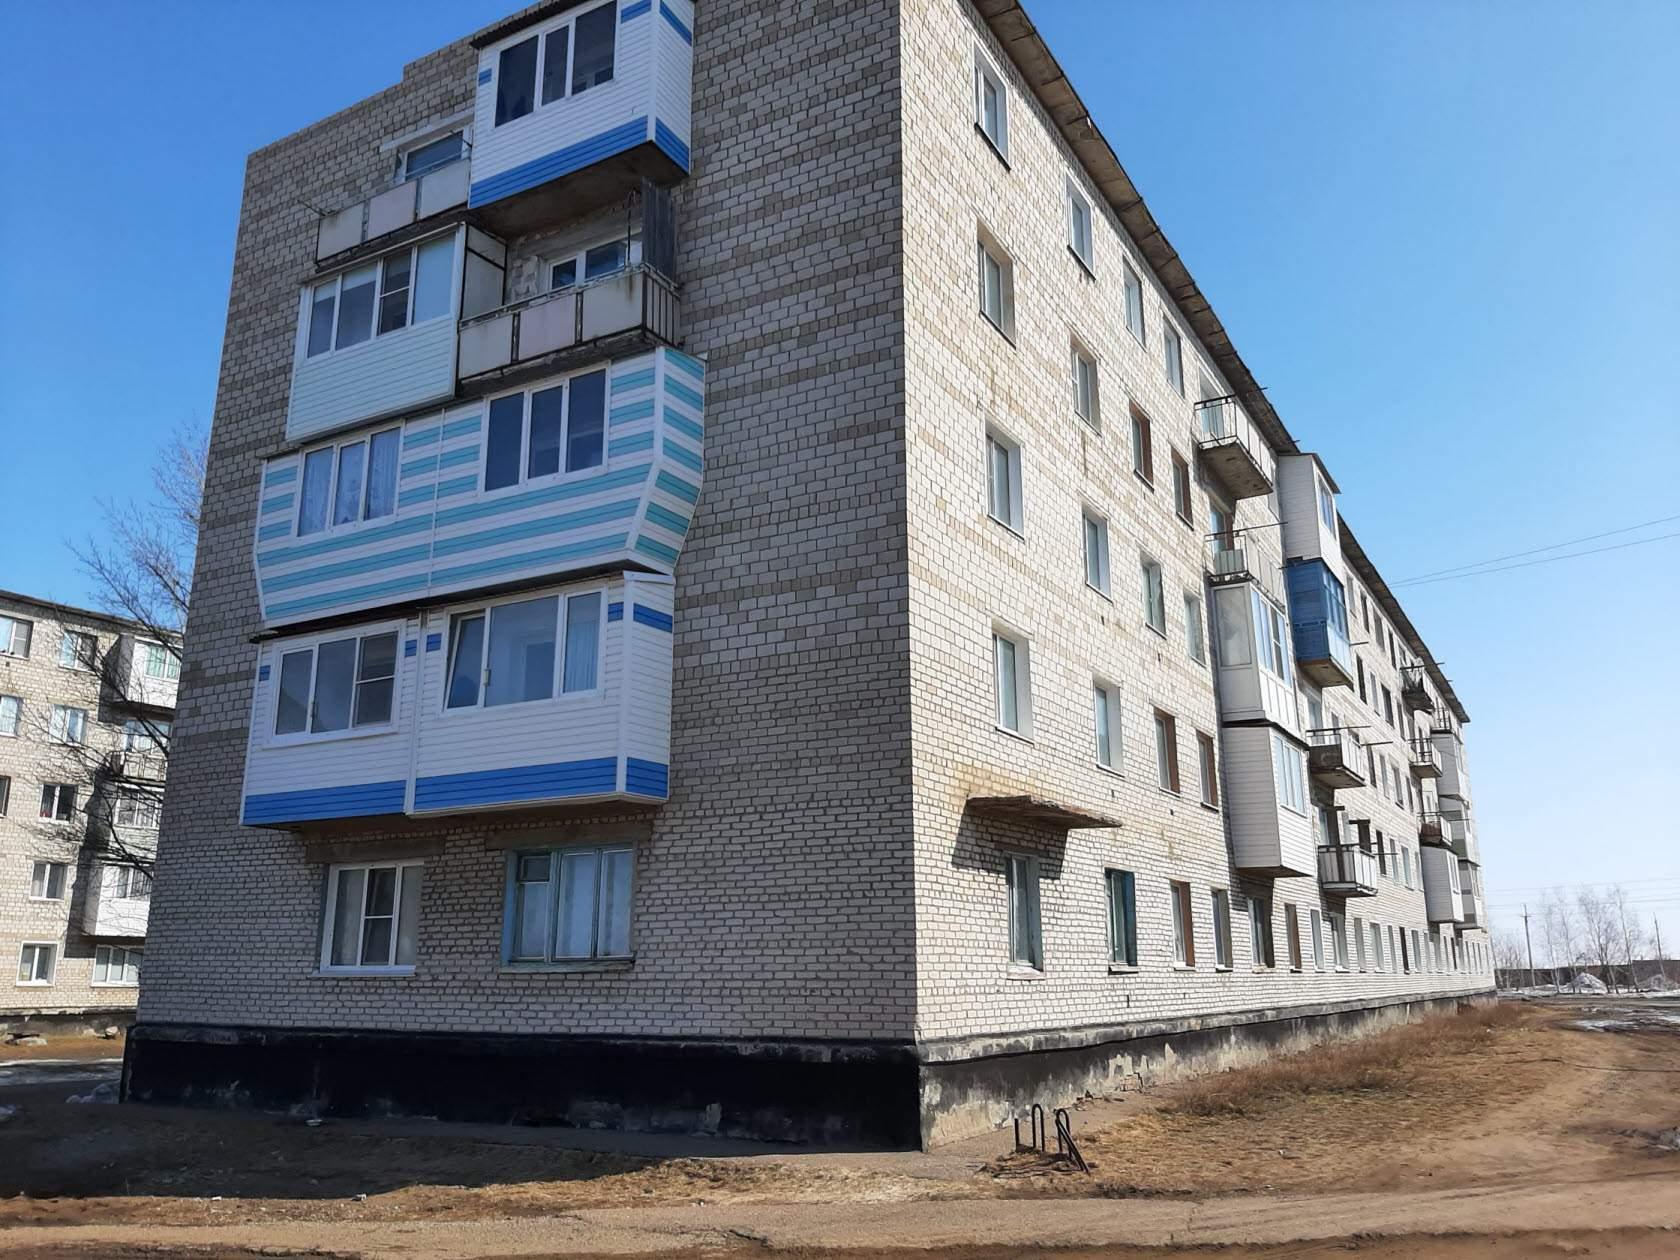 Продается трехкомнатная квартира за 915 750 рублей Алтайский край, Благовещенский р-н, рп Степное Озеро, ул Химиков, д 18